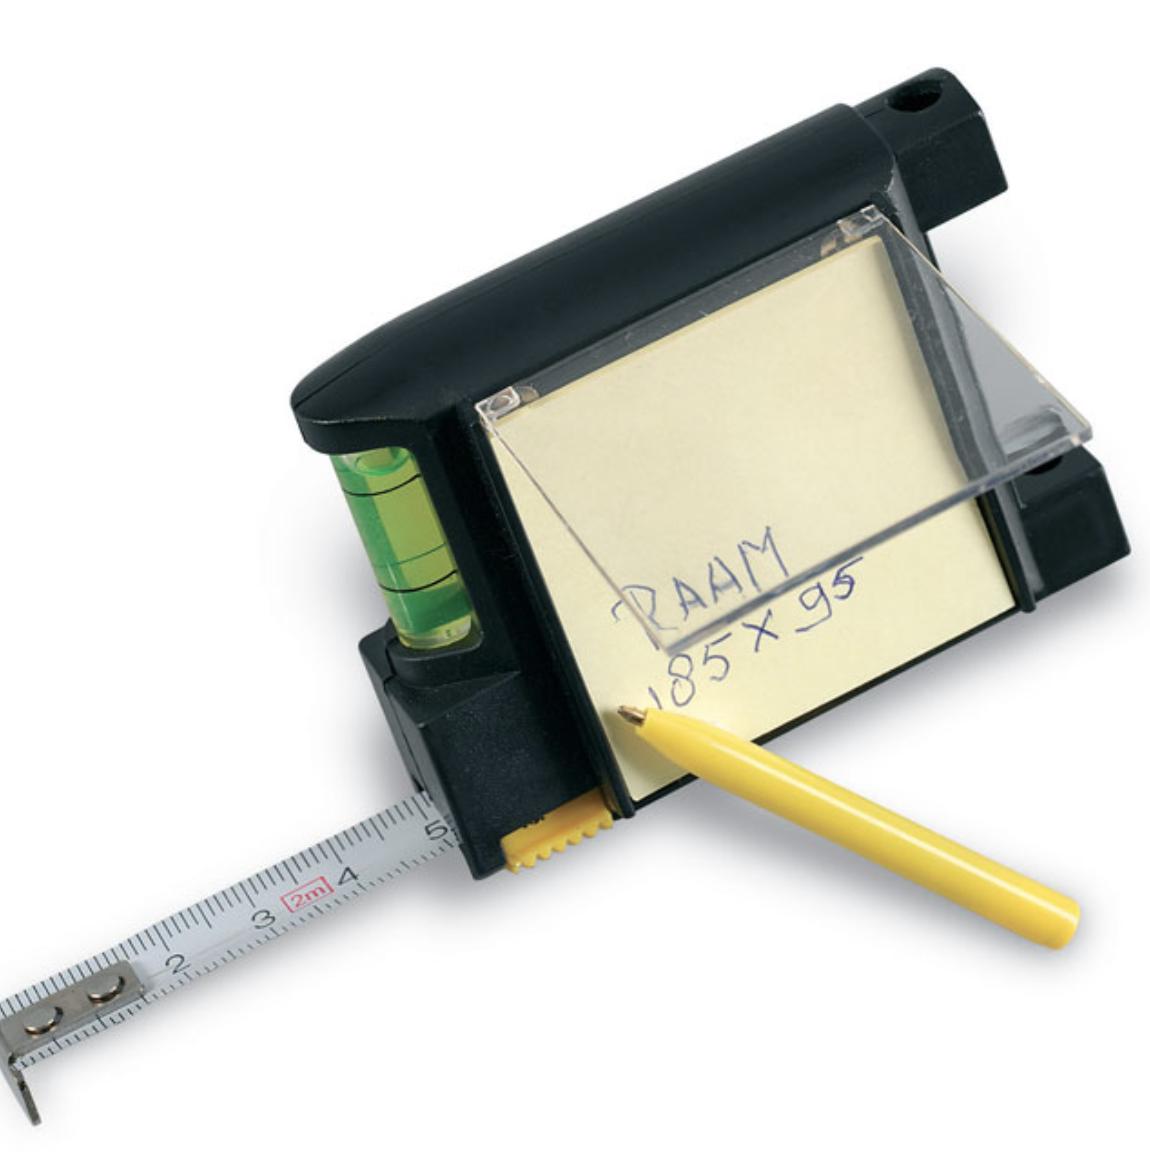 2 M Measuring Tape